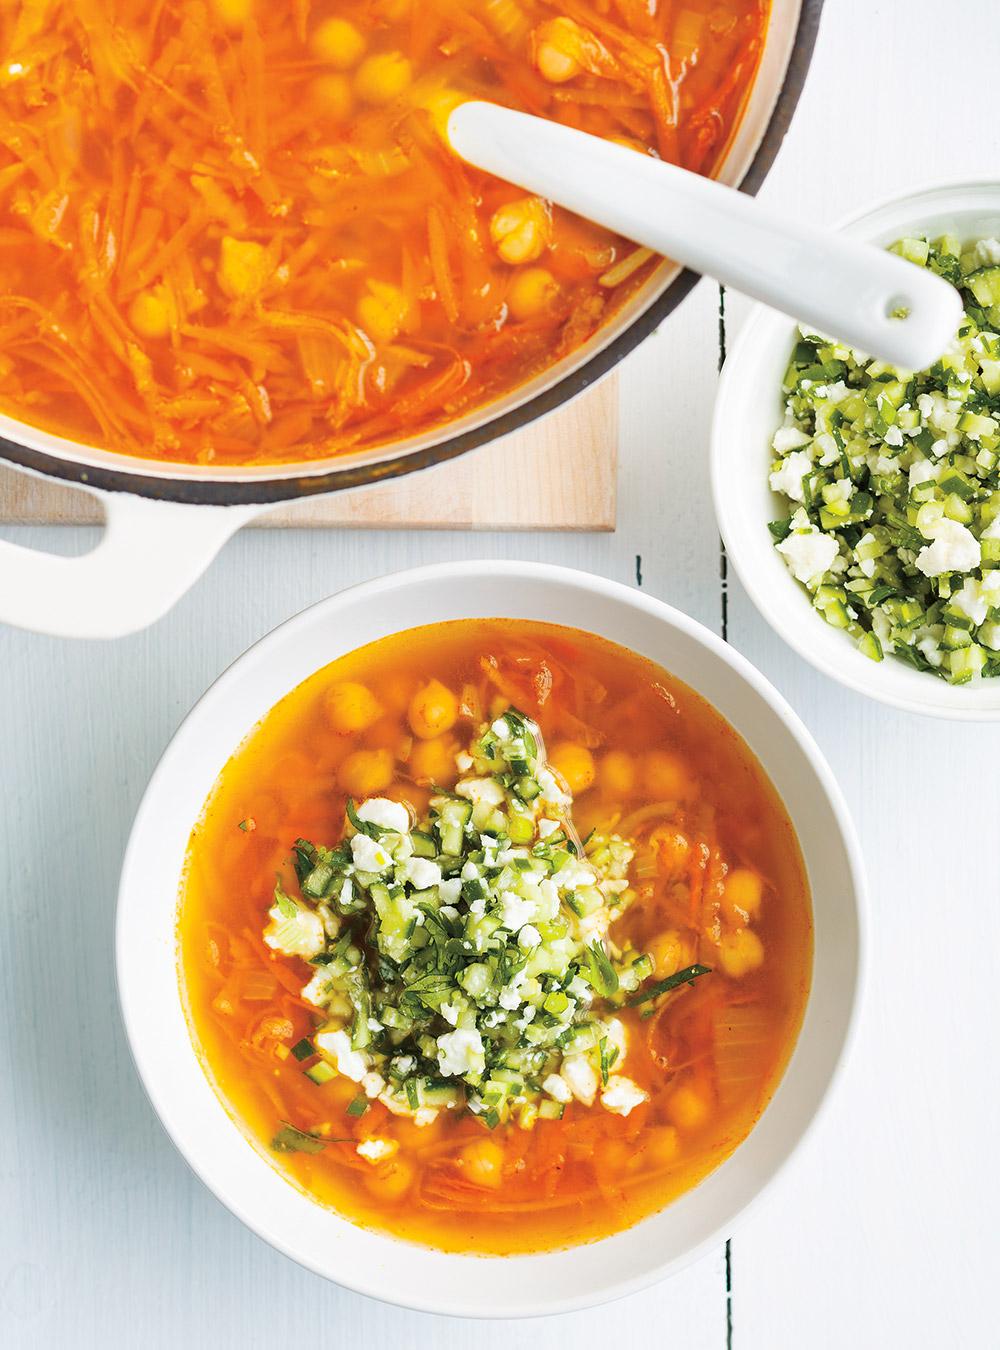 Soupe aux pois chiches et aux légumes racines | ricardo